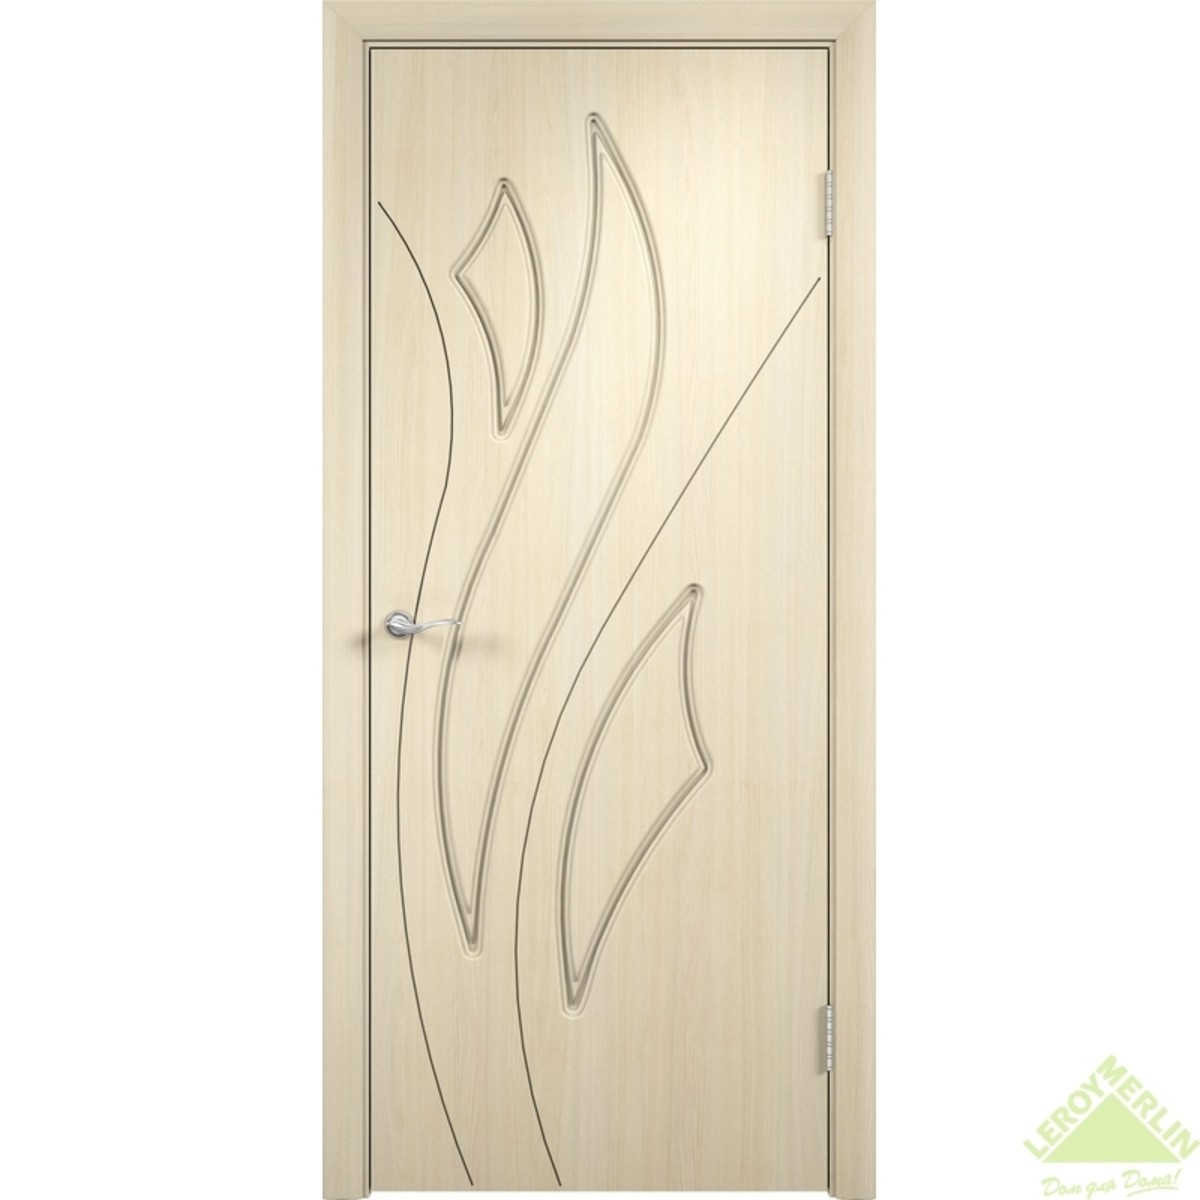 Дверное полотно глухое Латина 90x200 см ПВХ белёный дуб